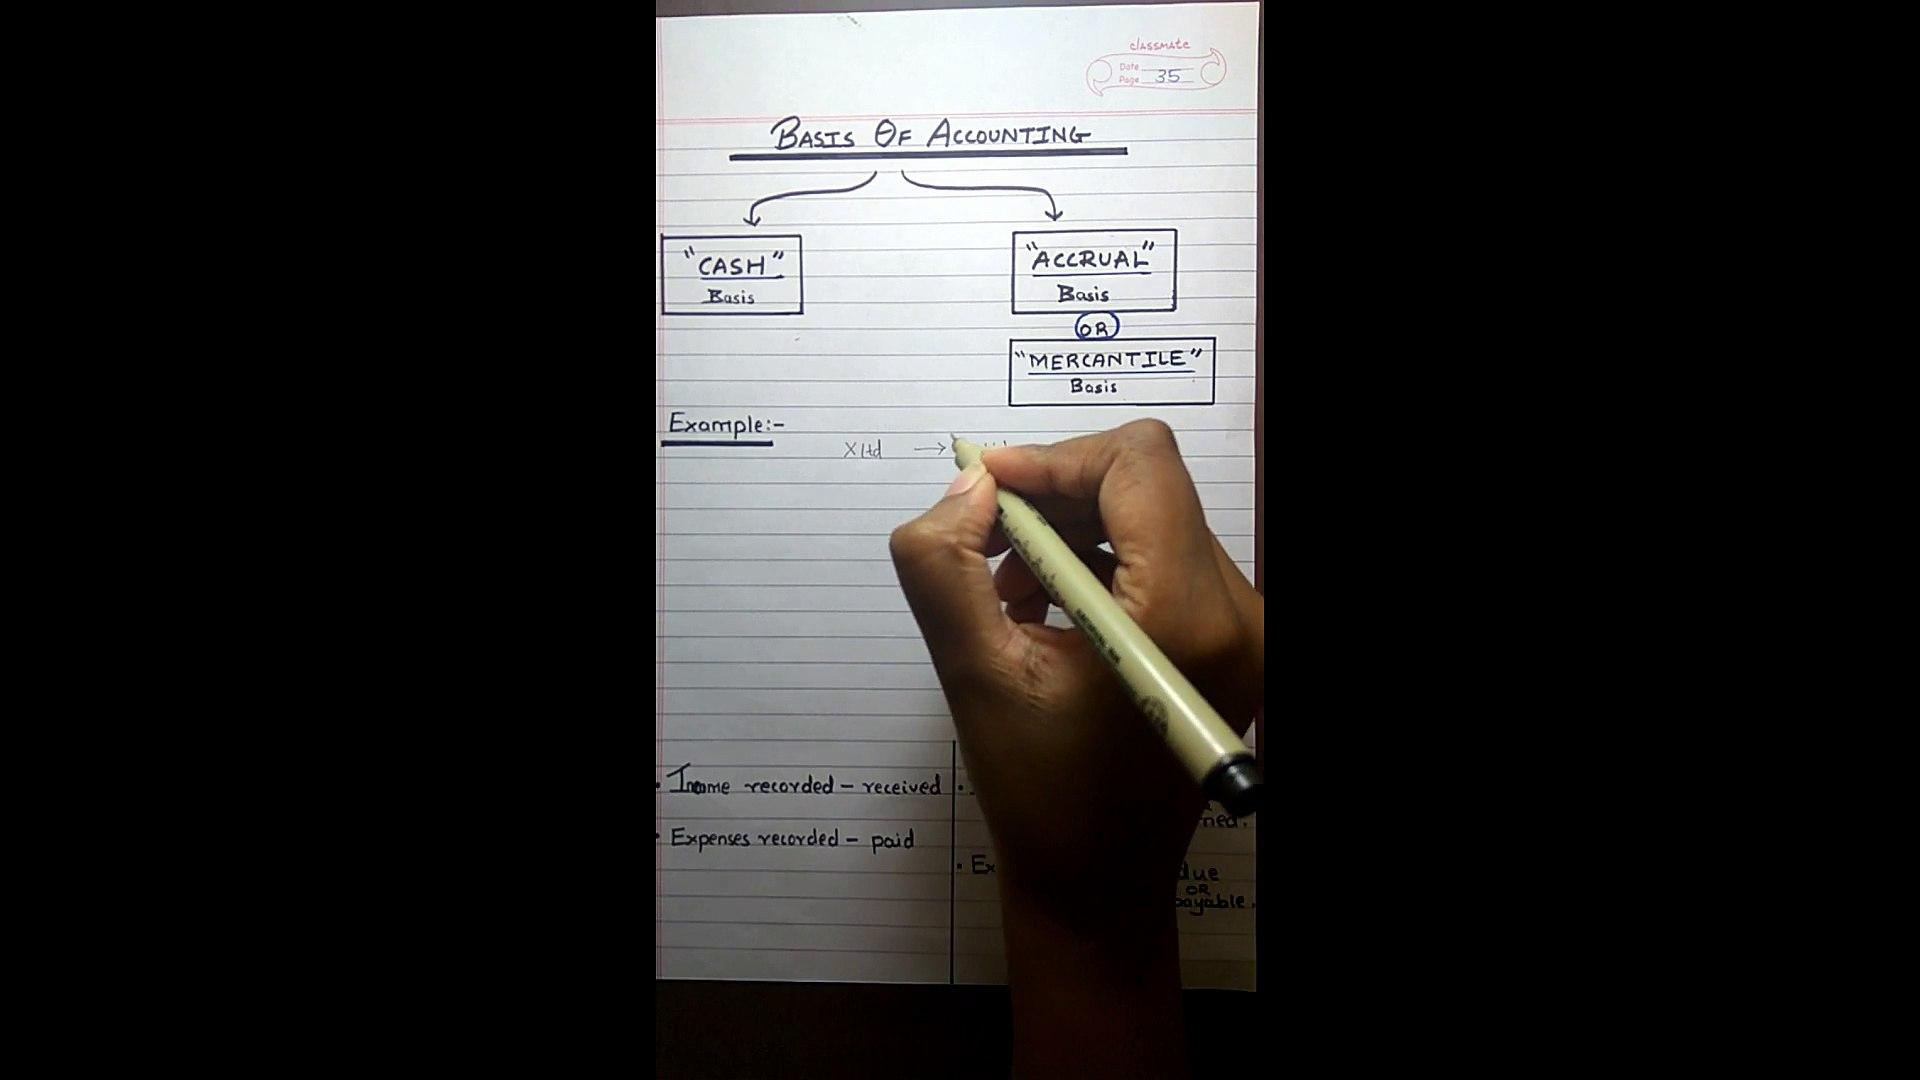 Basic Accounting - Basis Of Accounting